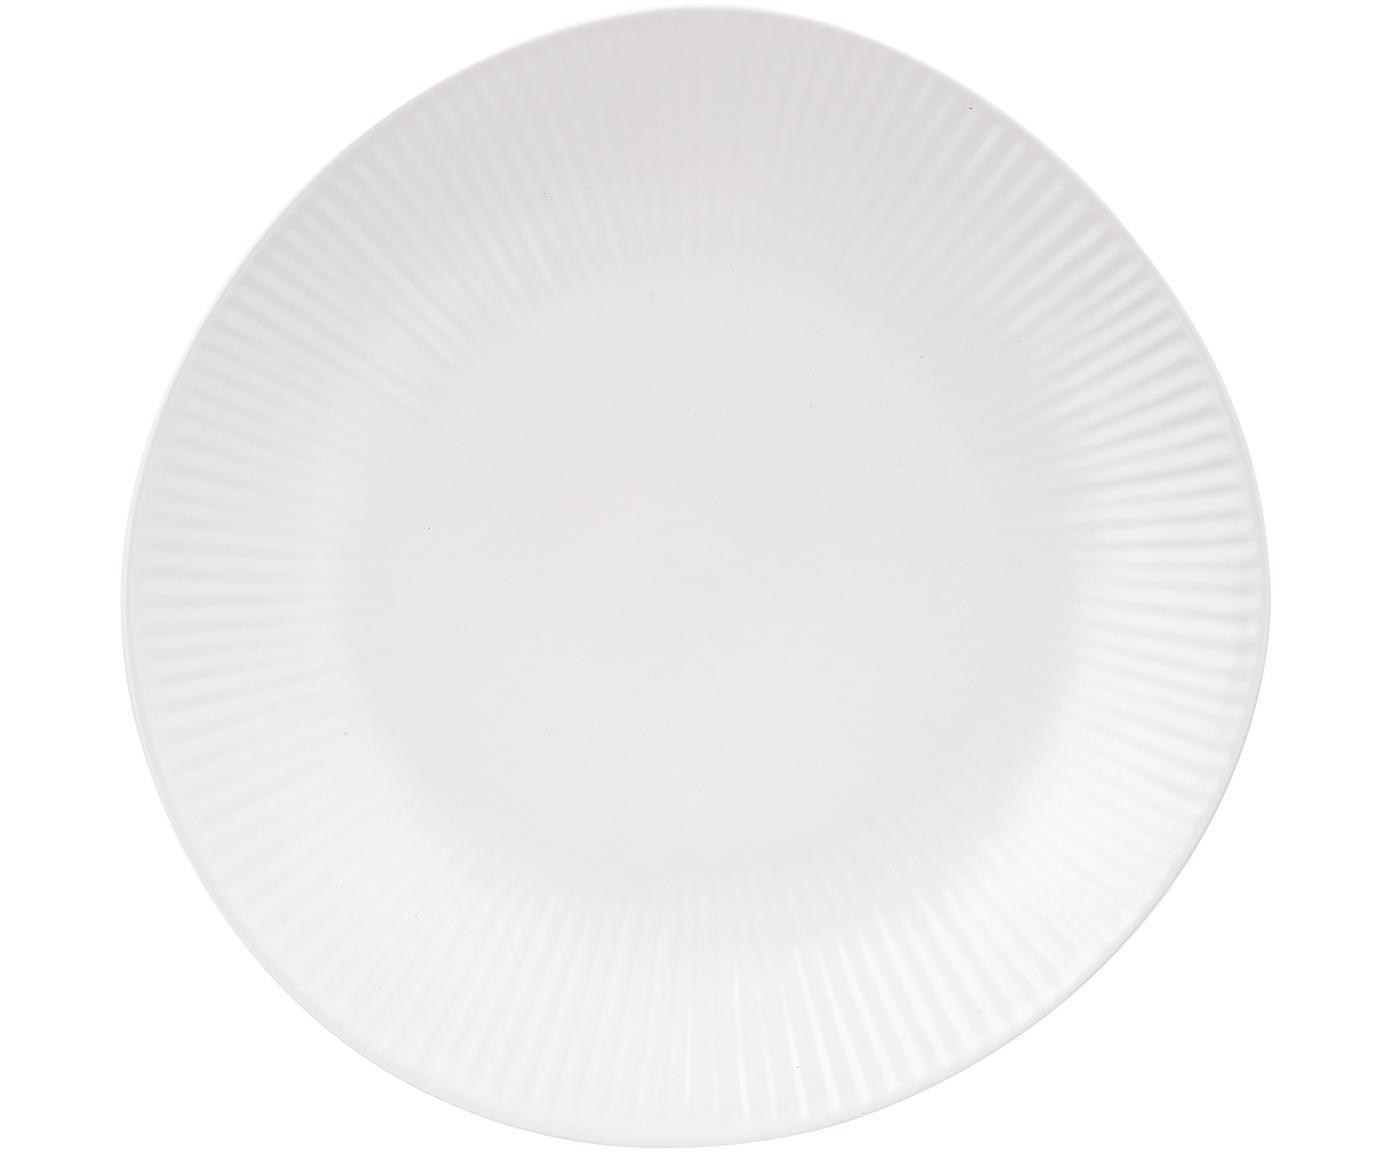 Handgefertigte Dessertteller Sandvig mit leichtem Rillenrelief, 4 Stück, Porzellan, durchgefärbt, Gebrochenes Weiß, Ø 22 cm